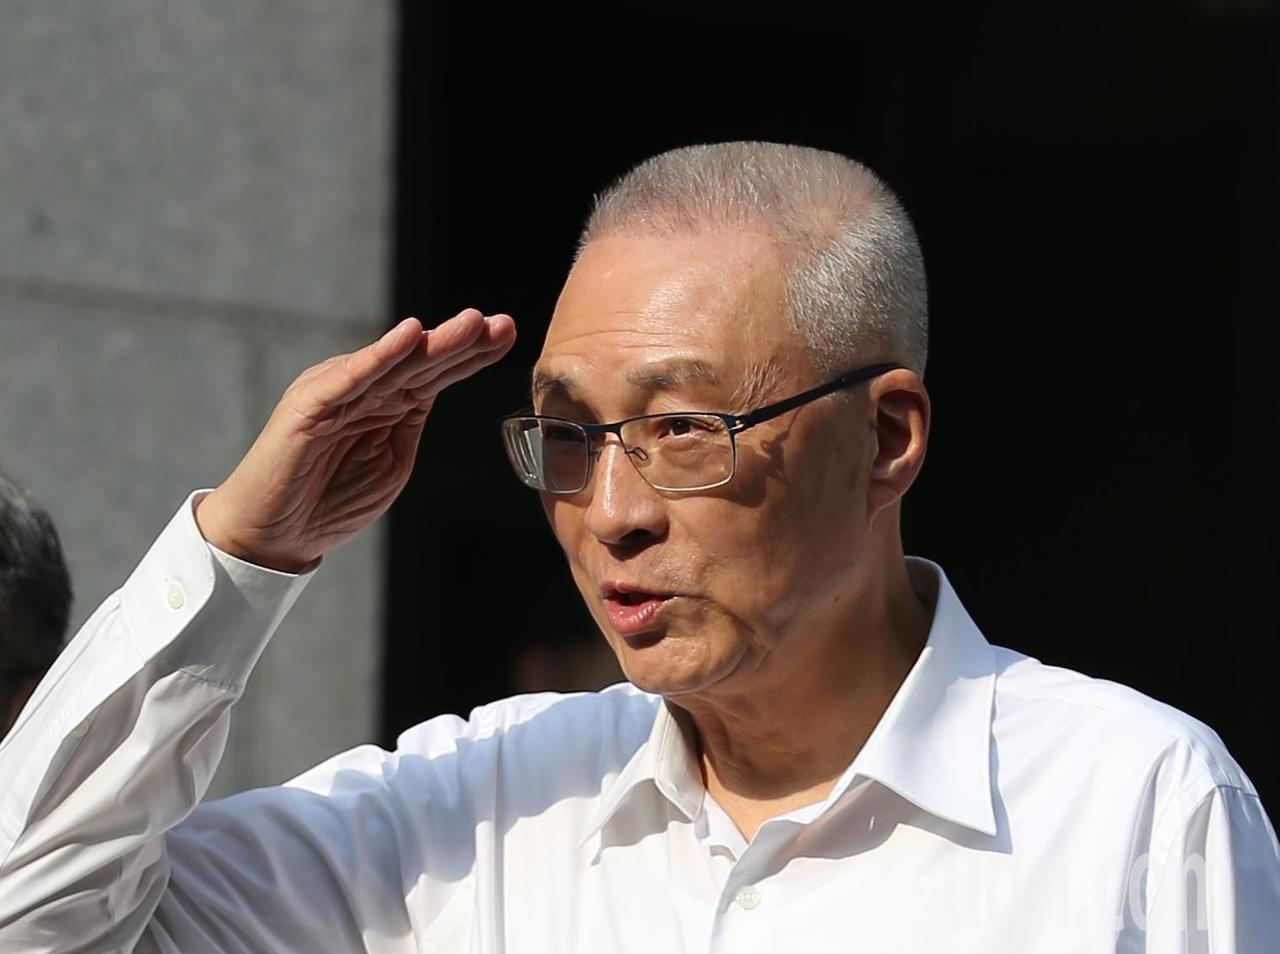 國民黨主席吳敦義出席啟智協會會員大會暨育智獎頒獎典禮。記者林澔一/攝影